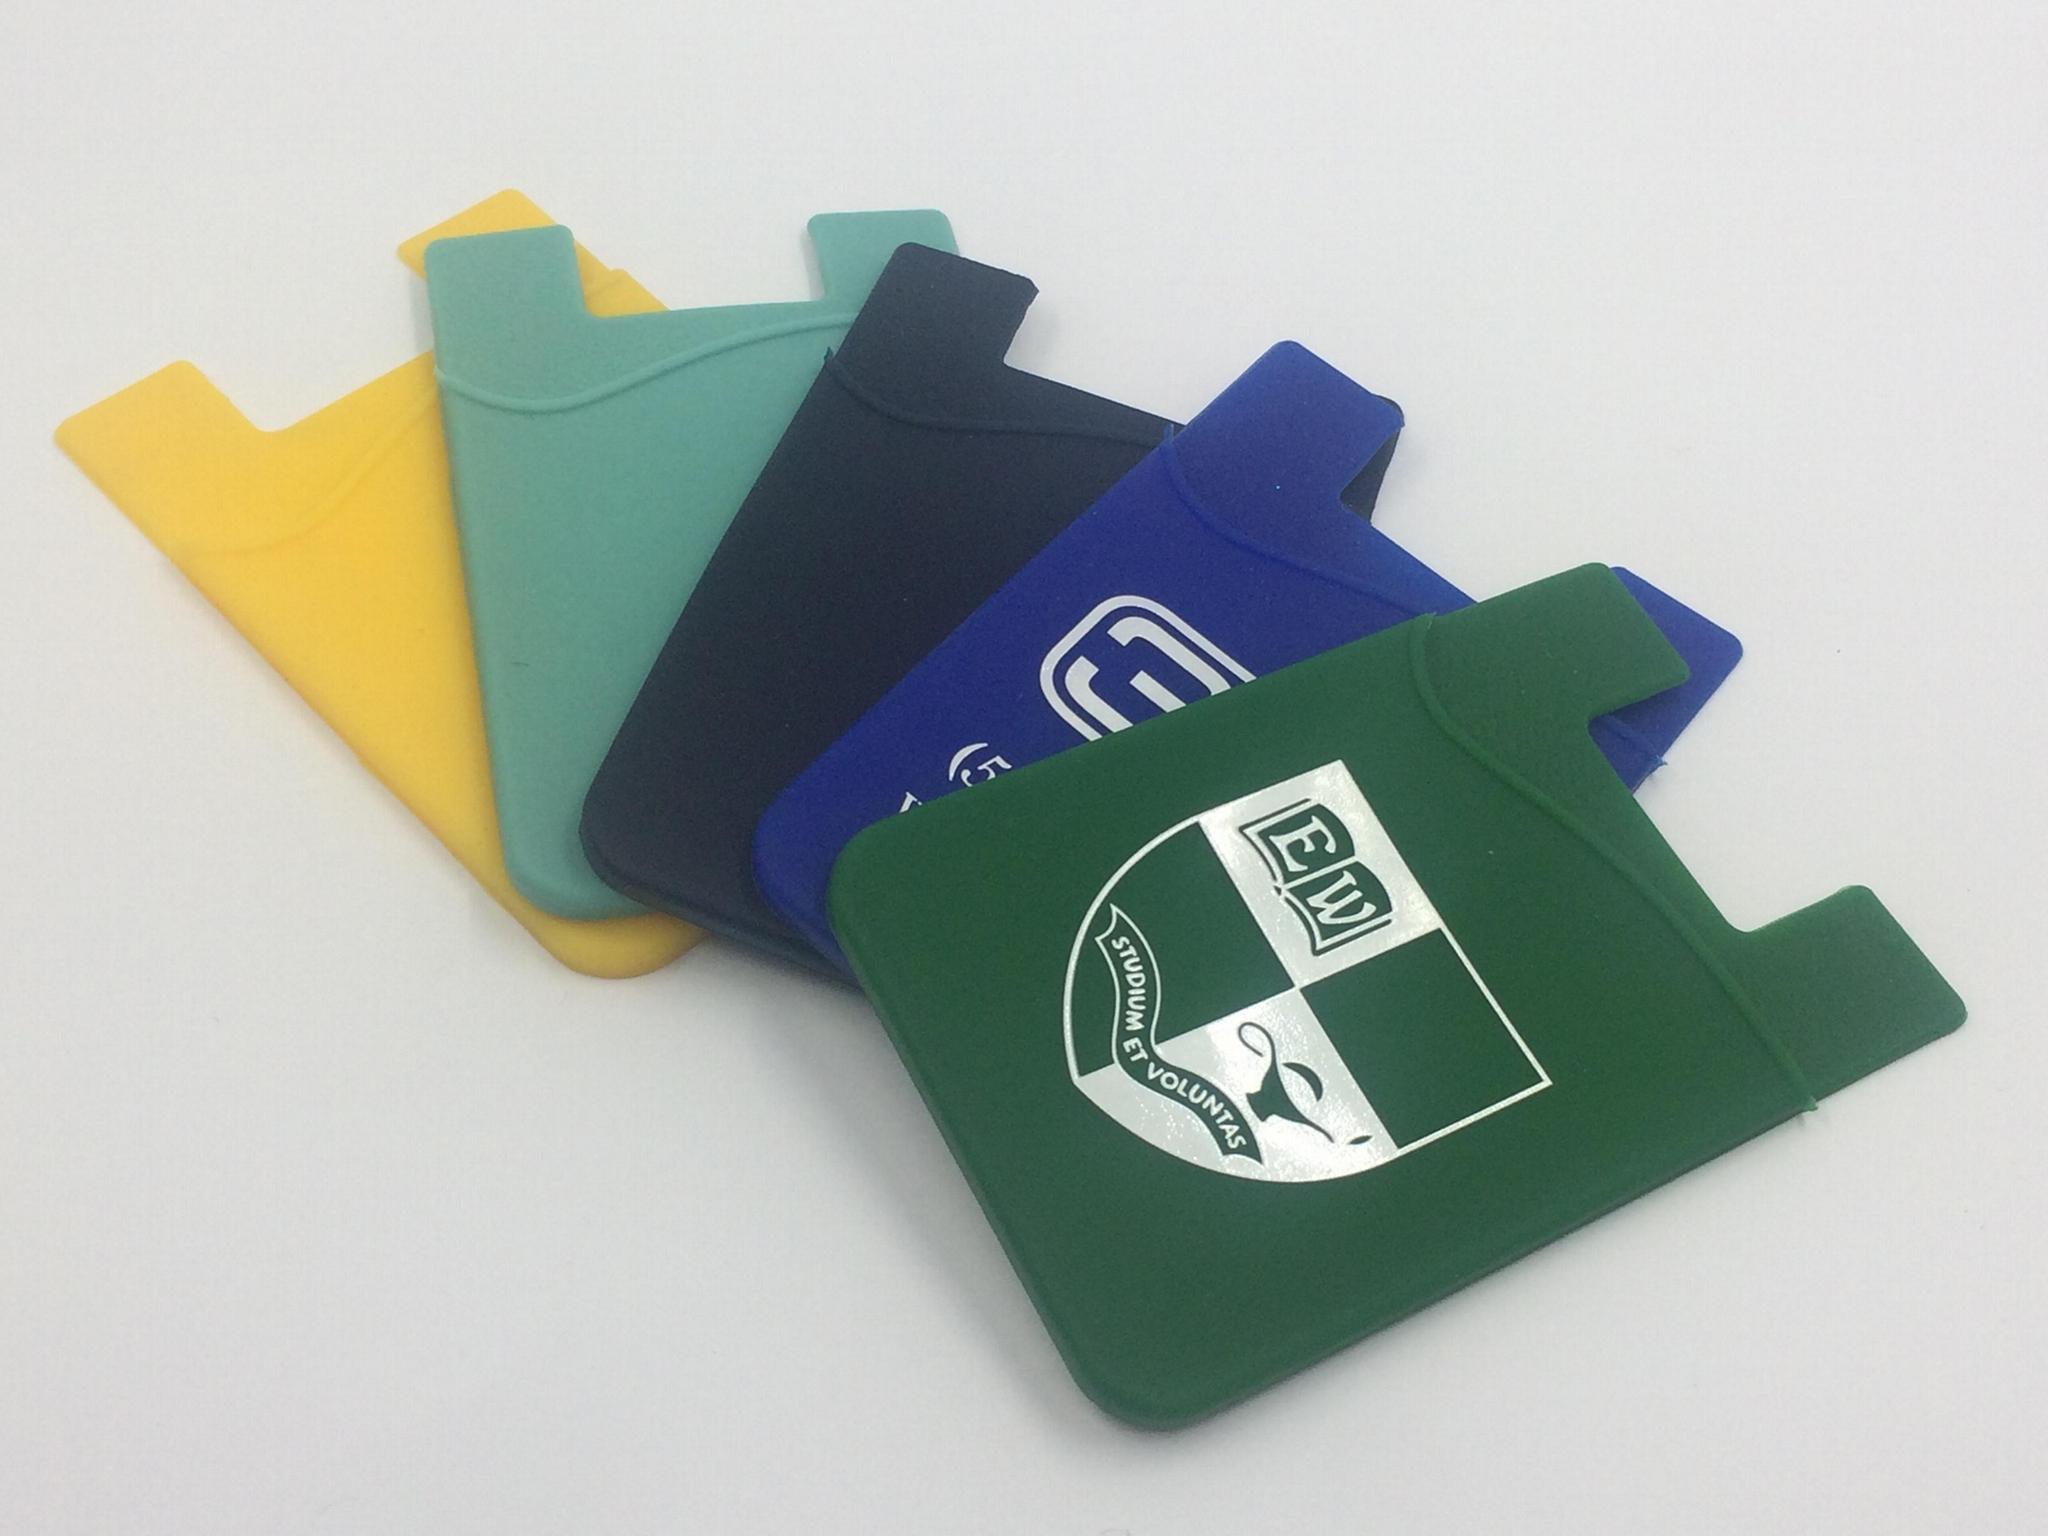 购物卡套硅胶卡袋手机卡套公交卡套手机佩饰 4